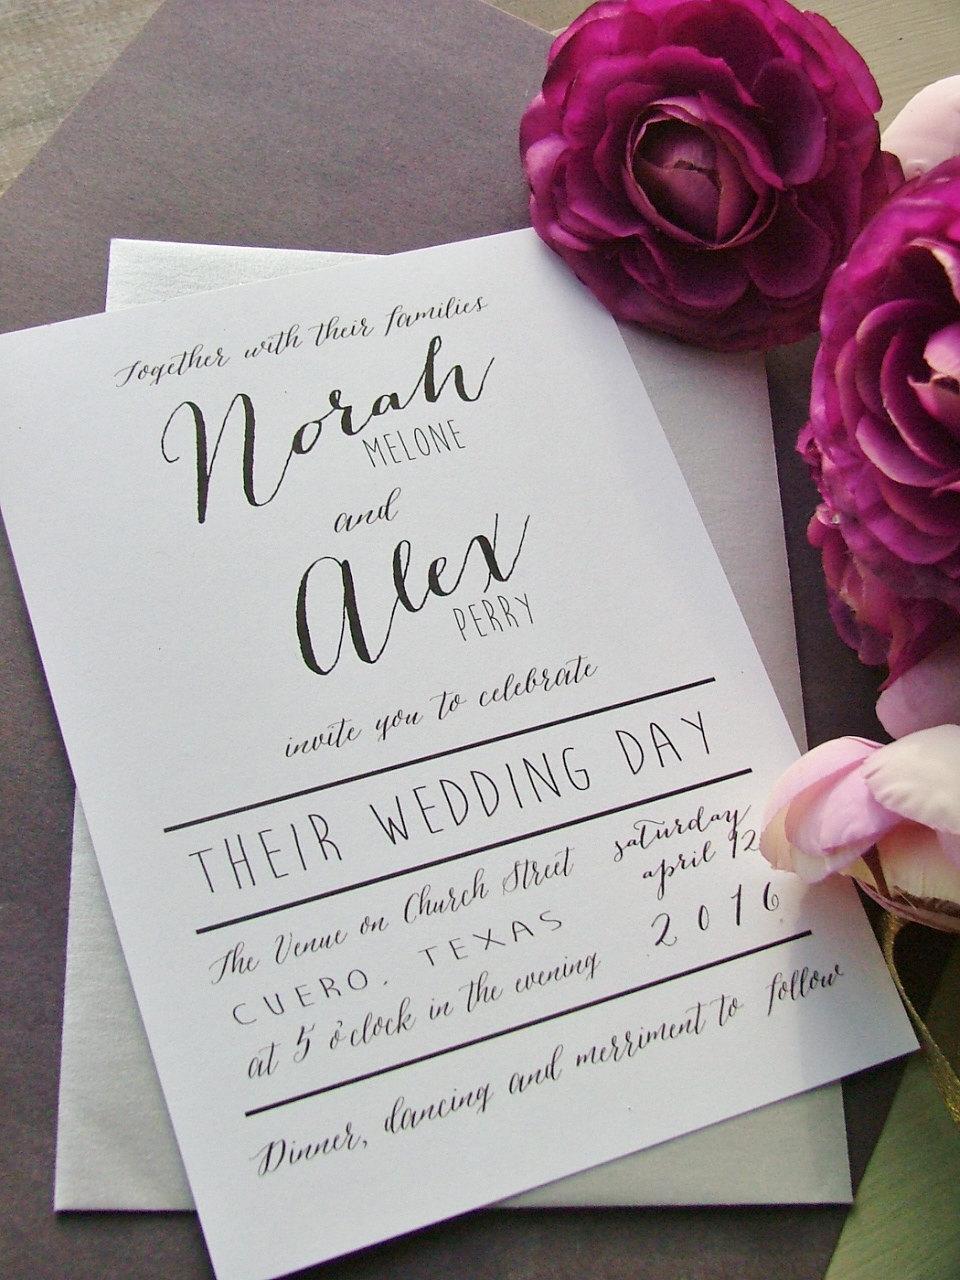 Mẫu thiệp cưới đơn giản với những dòng chữ cách điệu, nghệ thuật